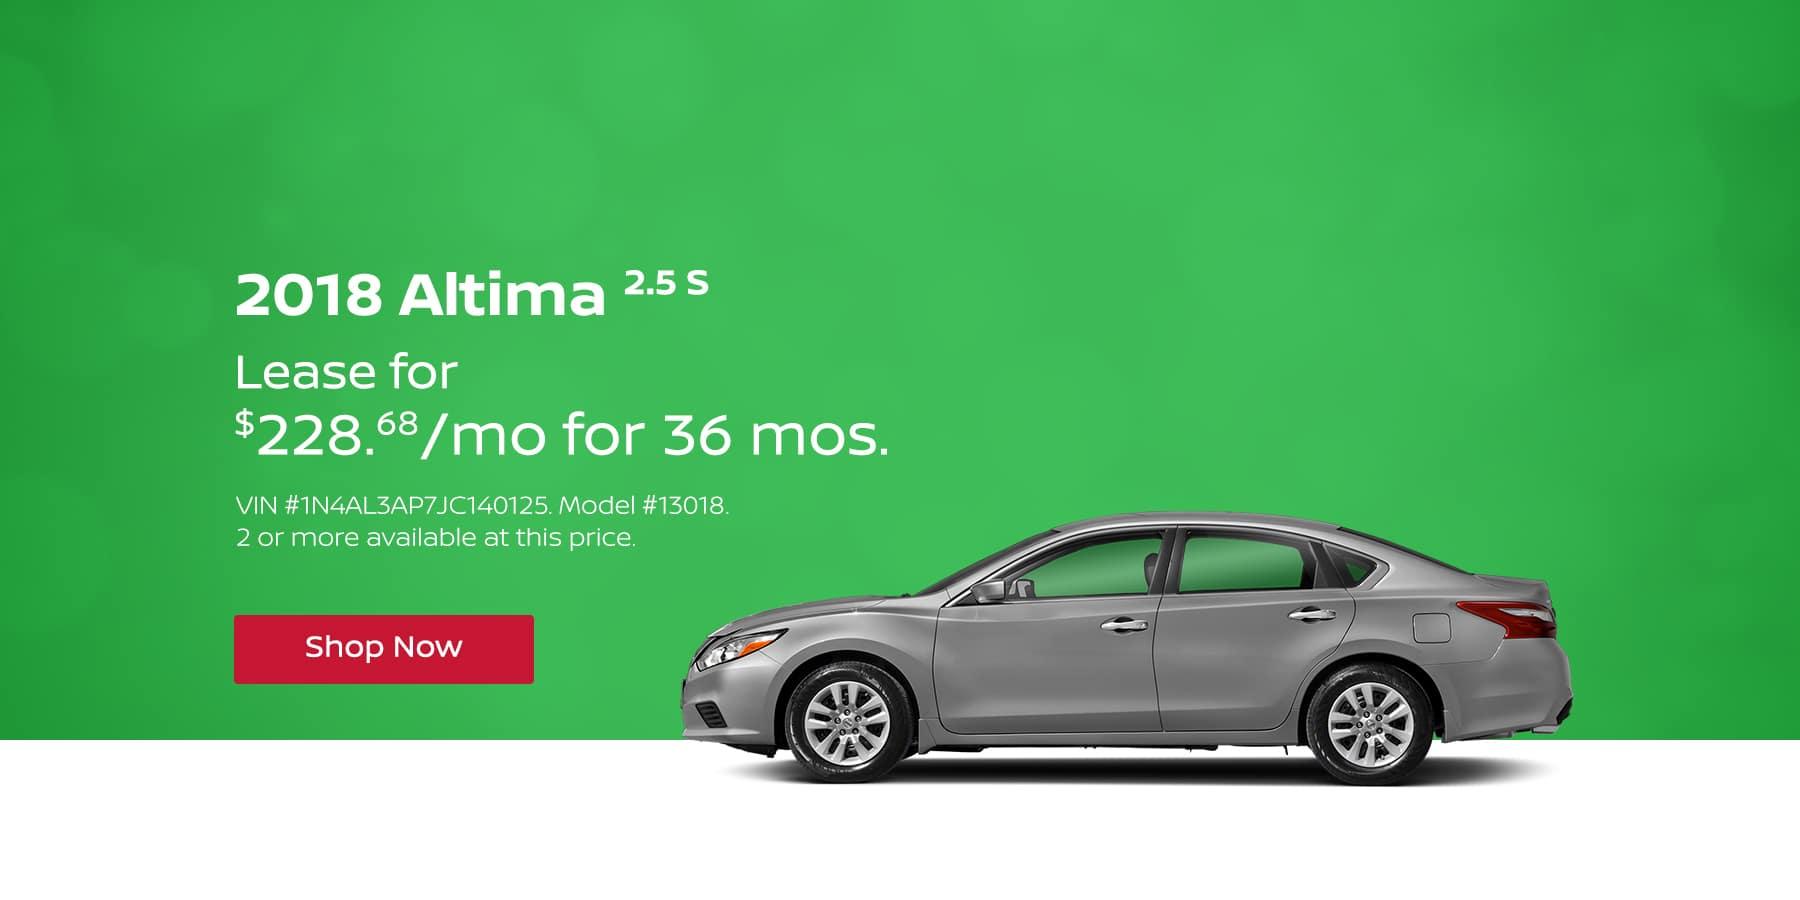 Altima April Offer